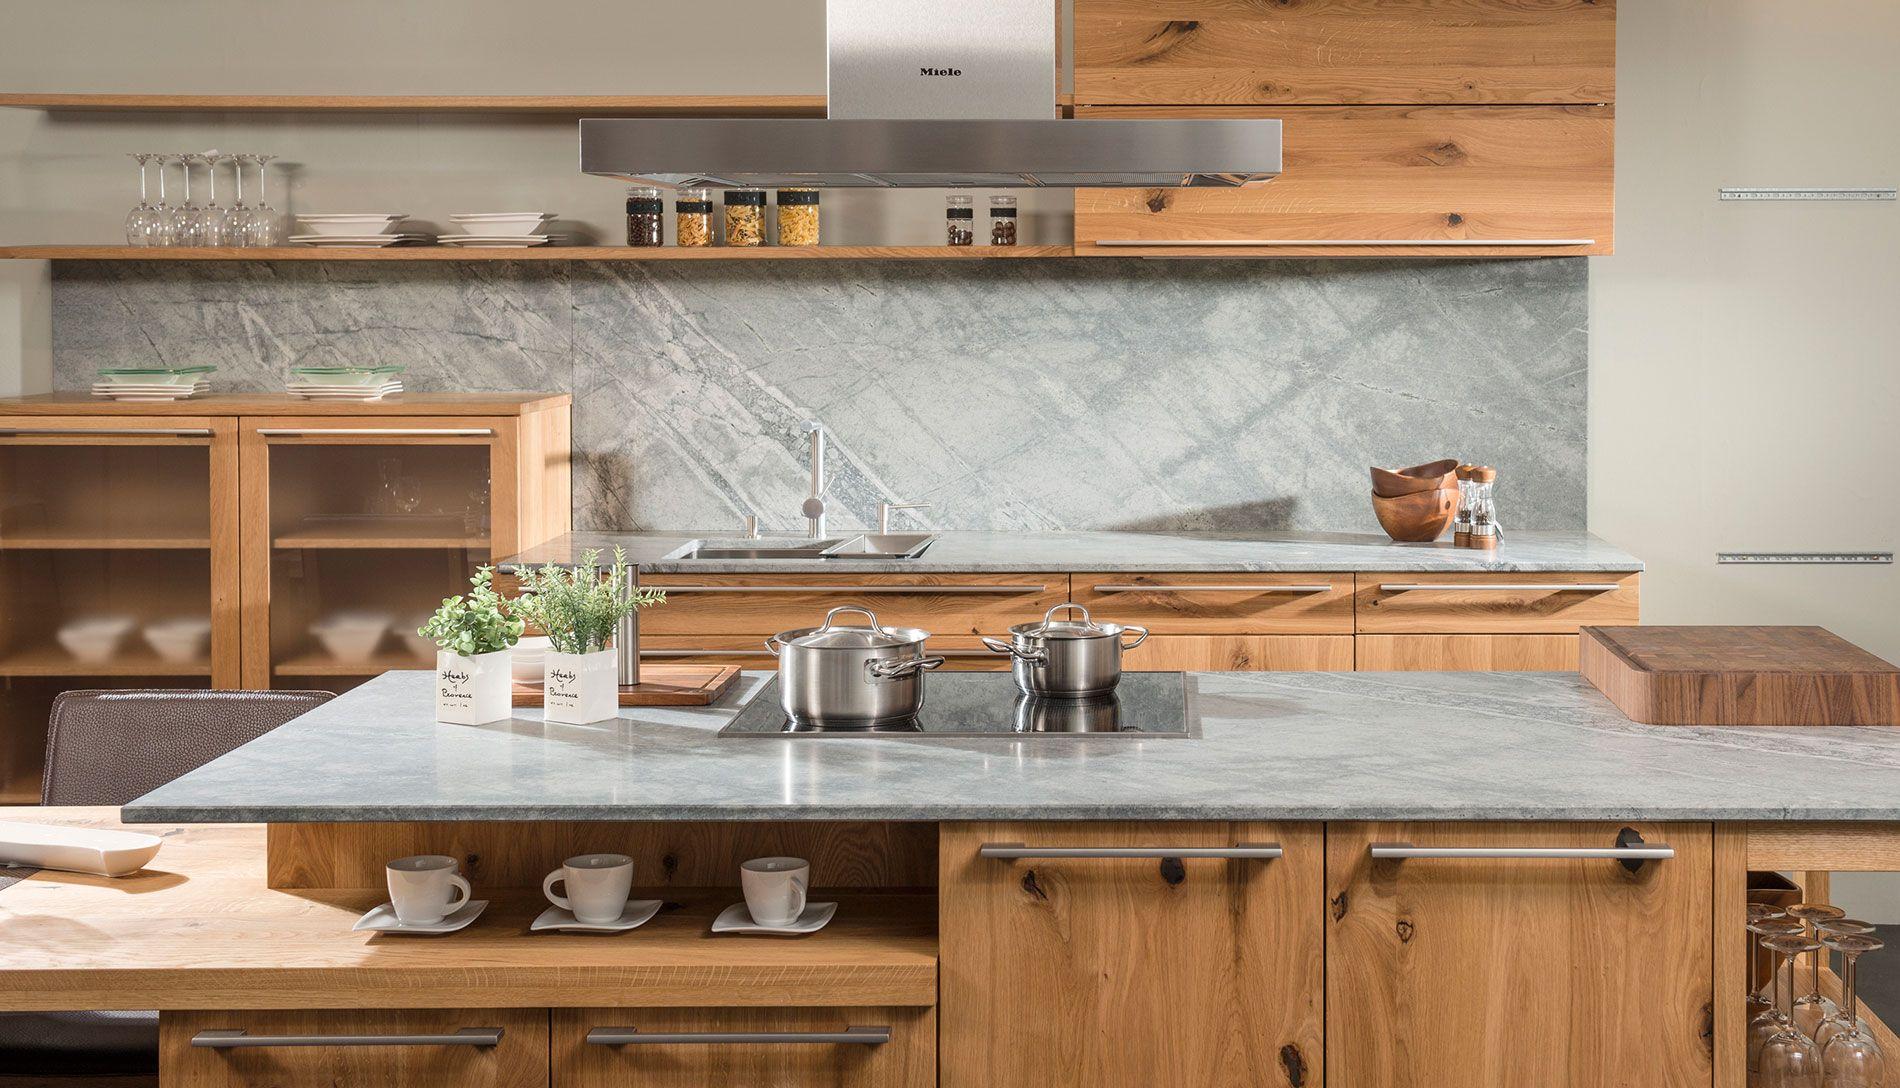 Küche im Landhausstil mit grauem Naturstein Atlantis